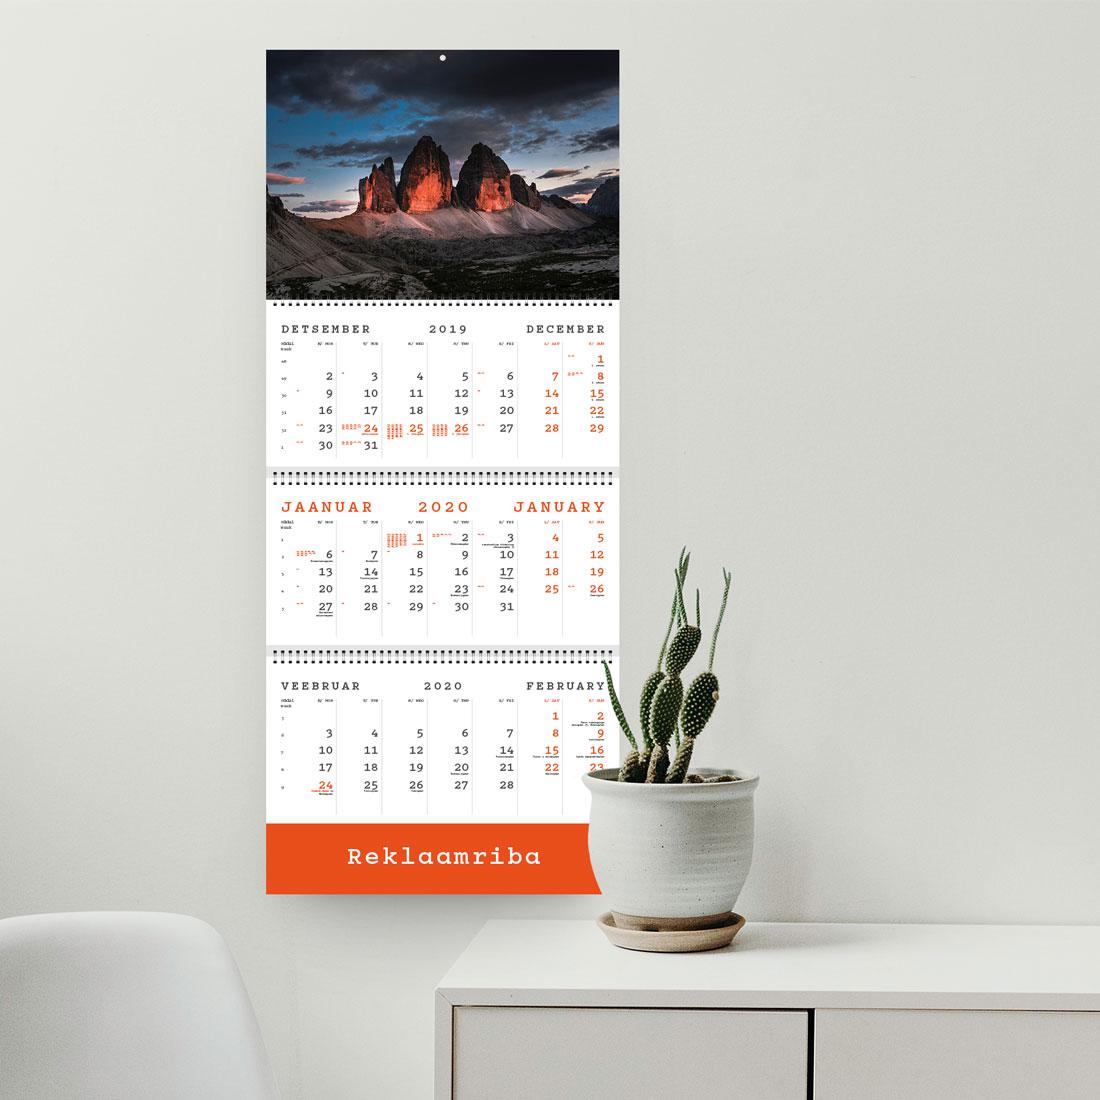 Kalender TRIO EXTRA ühe reklaamribaga